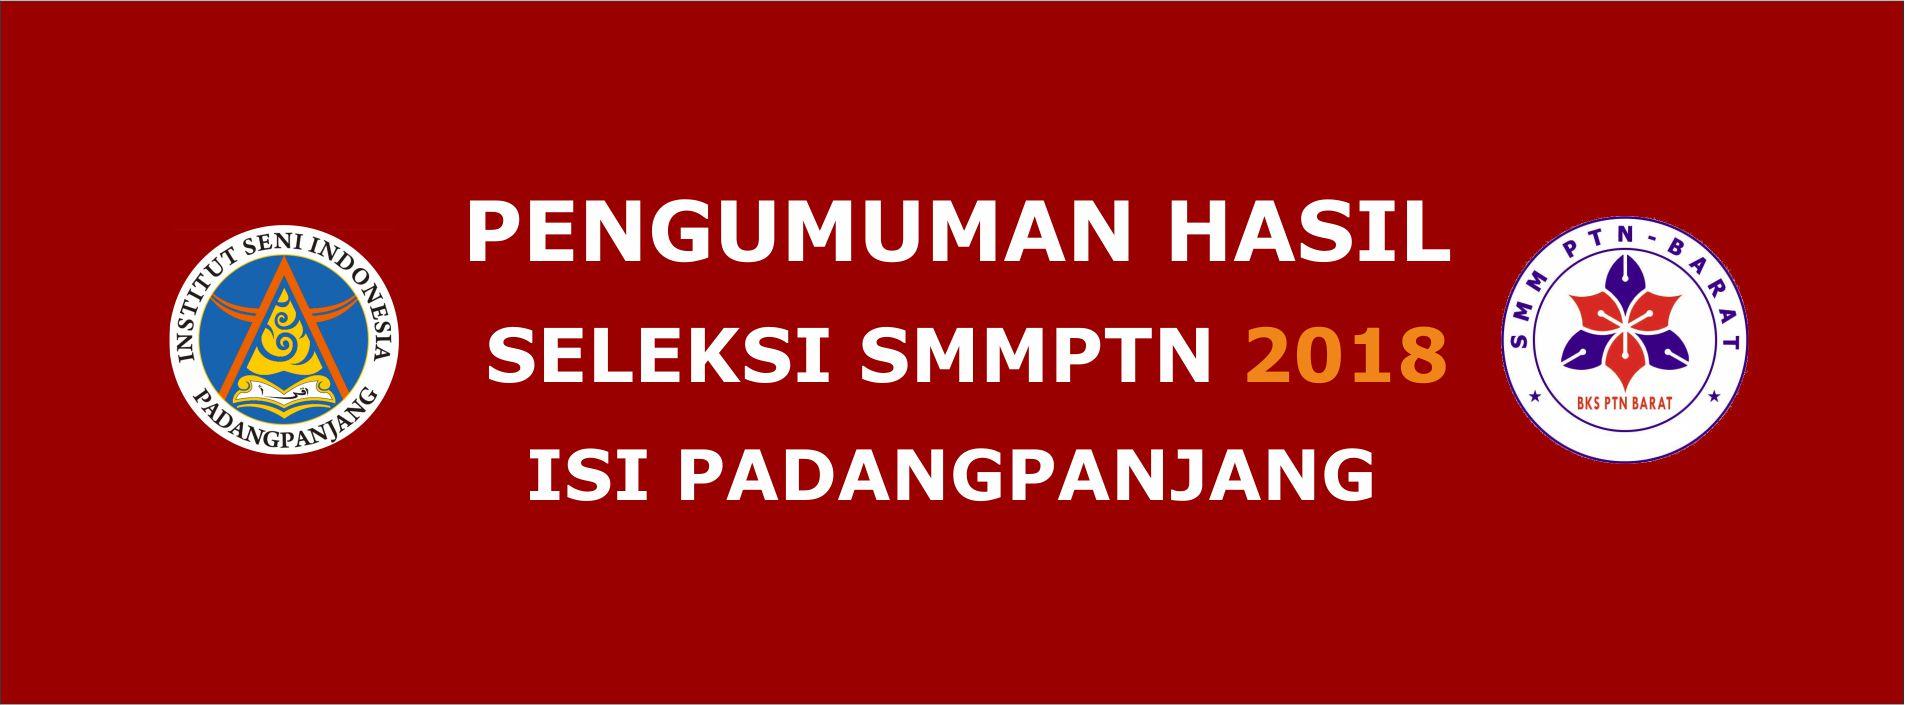 DAFTAR LULUSAN SMM PTN-BARAT 2018 ISI PADANGPANJANG